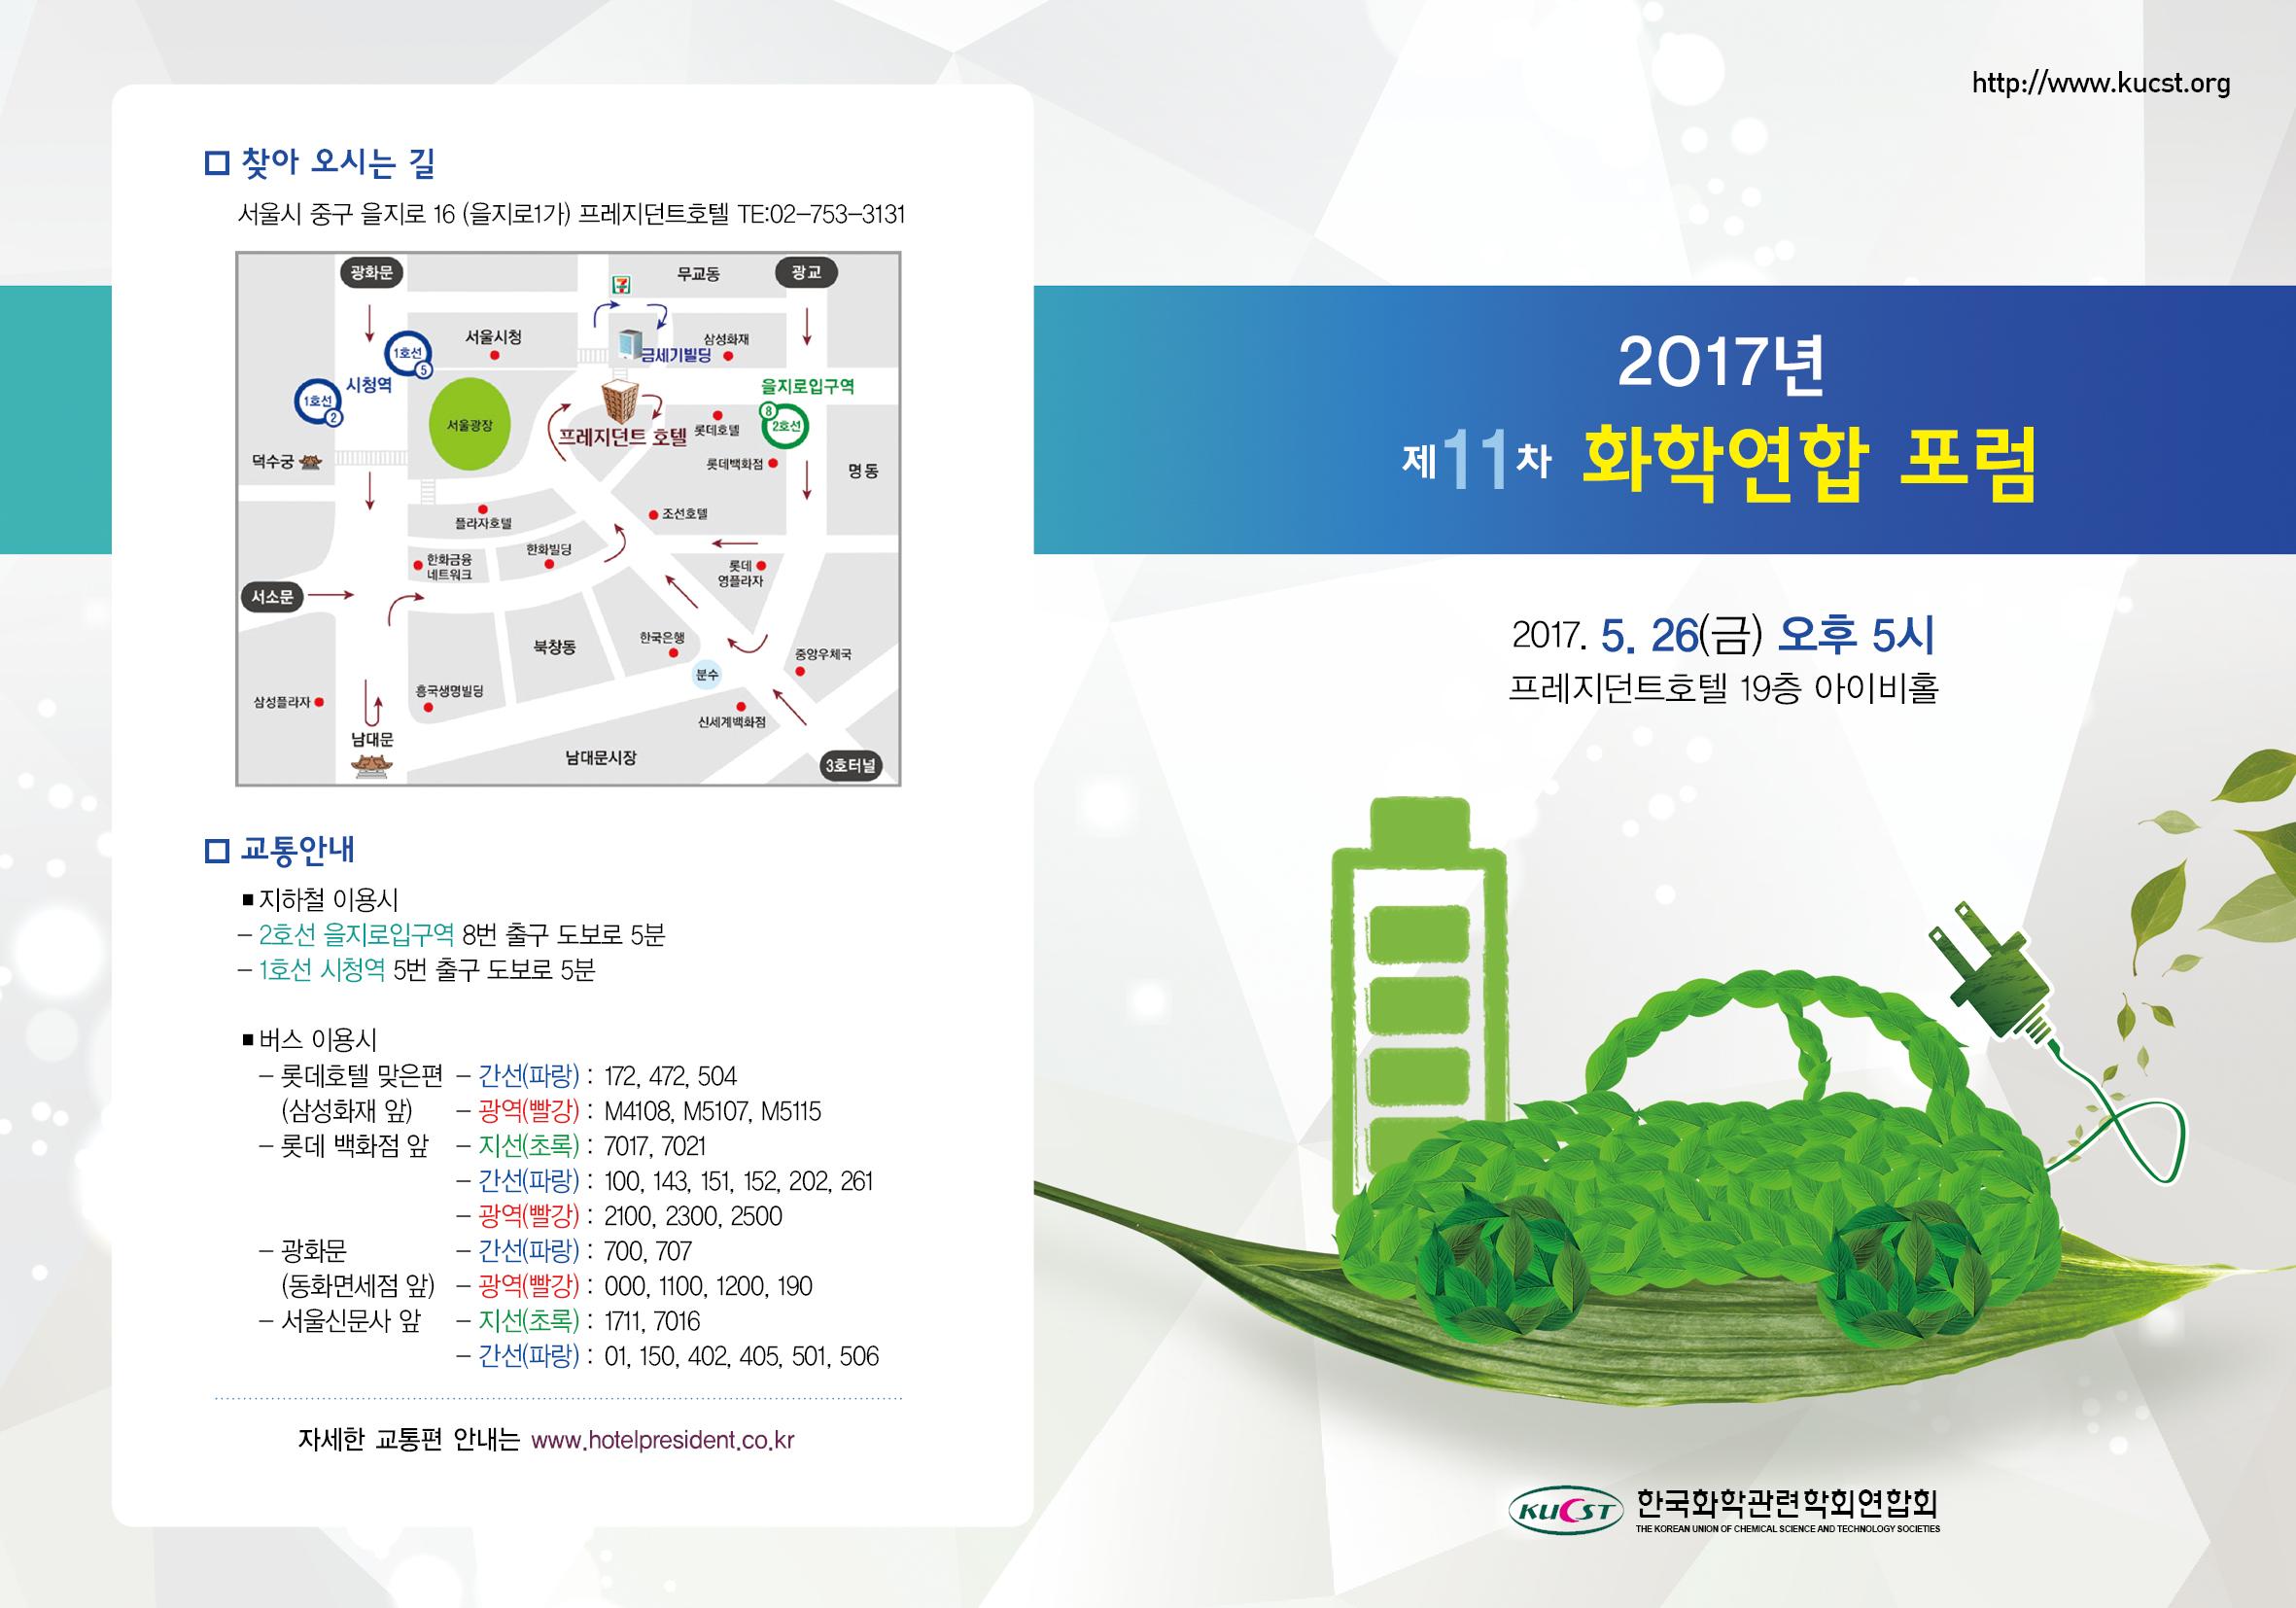 2017화학연합 초청장-최종본-앞.jpg